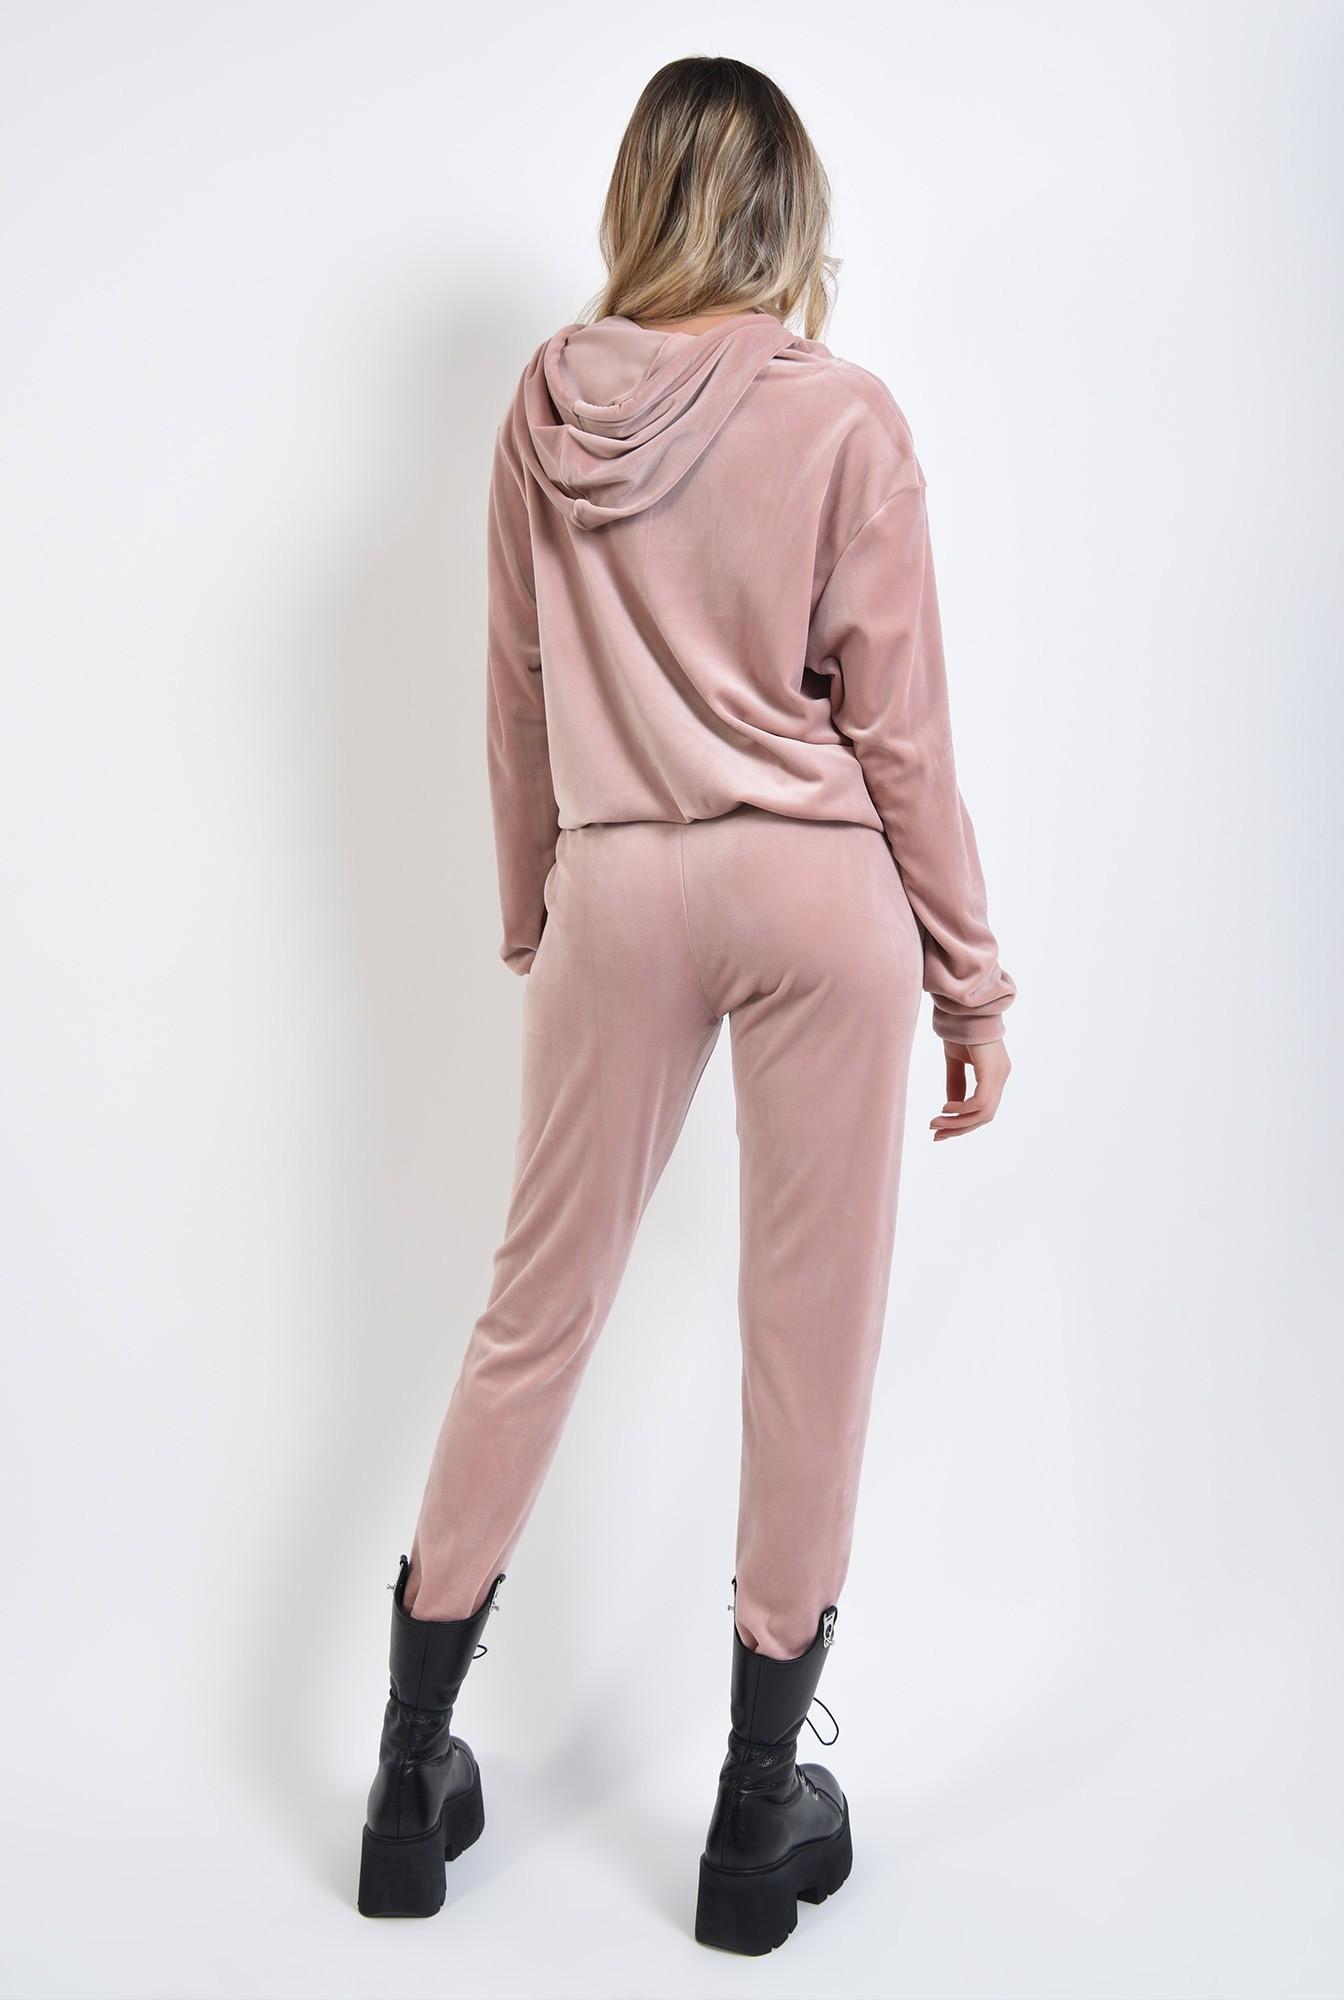 2 - 360 - pantaloni roz, din catifea, cu buzunare